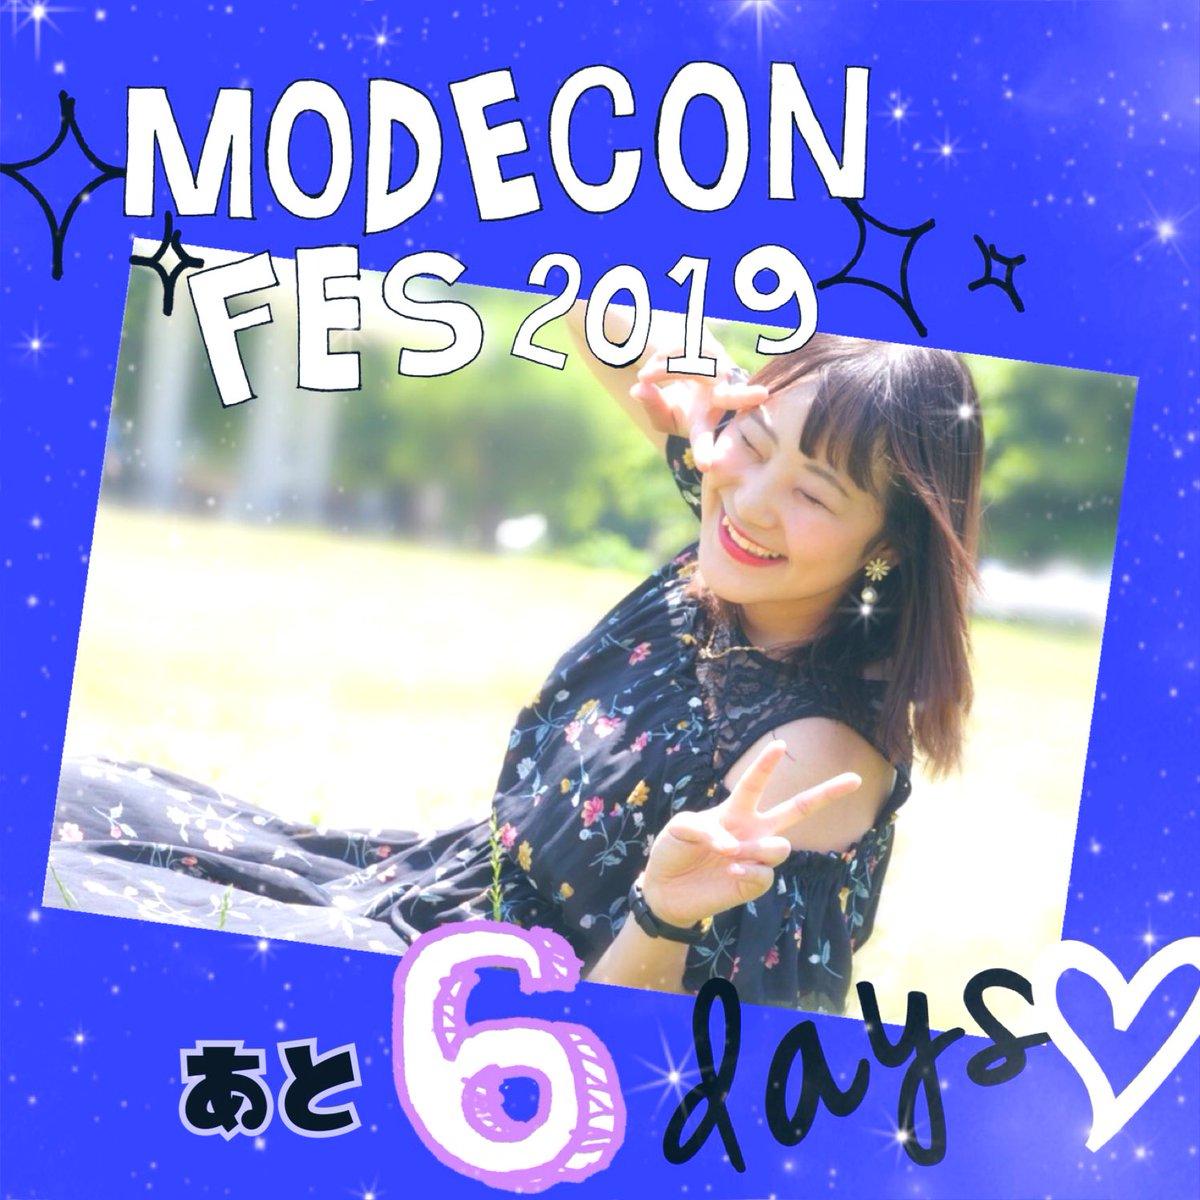 MODECON FES 2019 ファイナルまであと6日🔥私をこのステージに立たせてくれた皆さんへの感謝の気持ちを忘れず、自信と誇りを持ってステージに立ってきます❤️👍ファイナリスト37名全員、輝きます✨👍チケットページはここ!🎟↓ #MODECON #MixChannel@MODECONnews